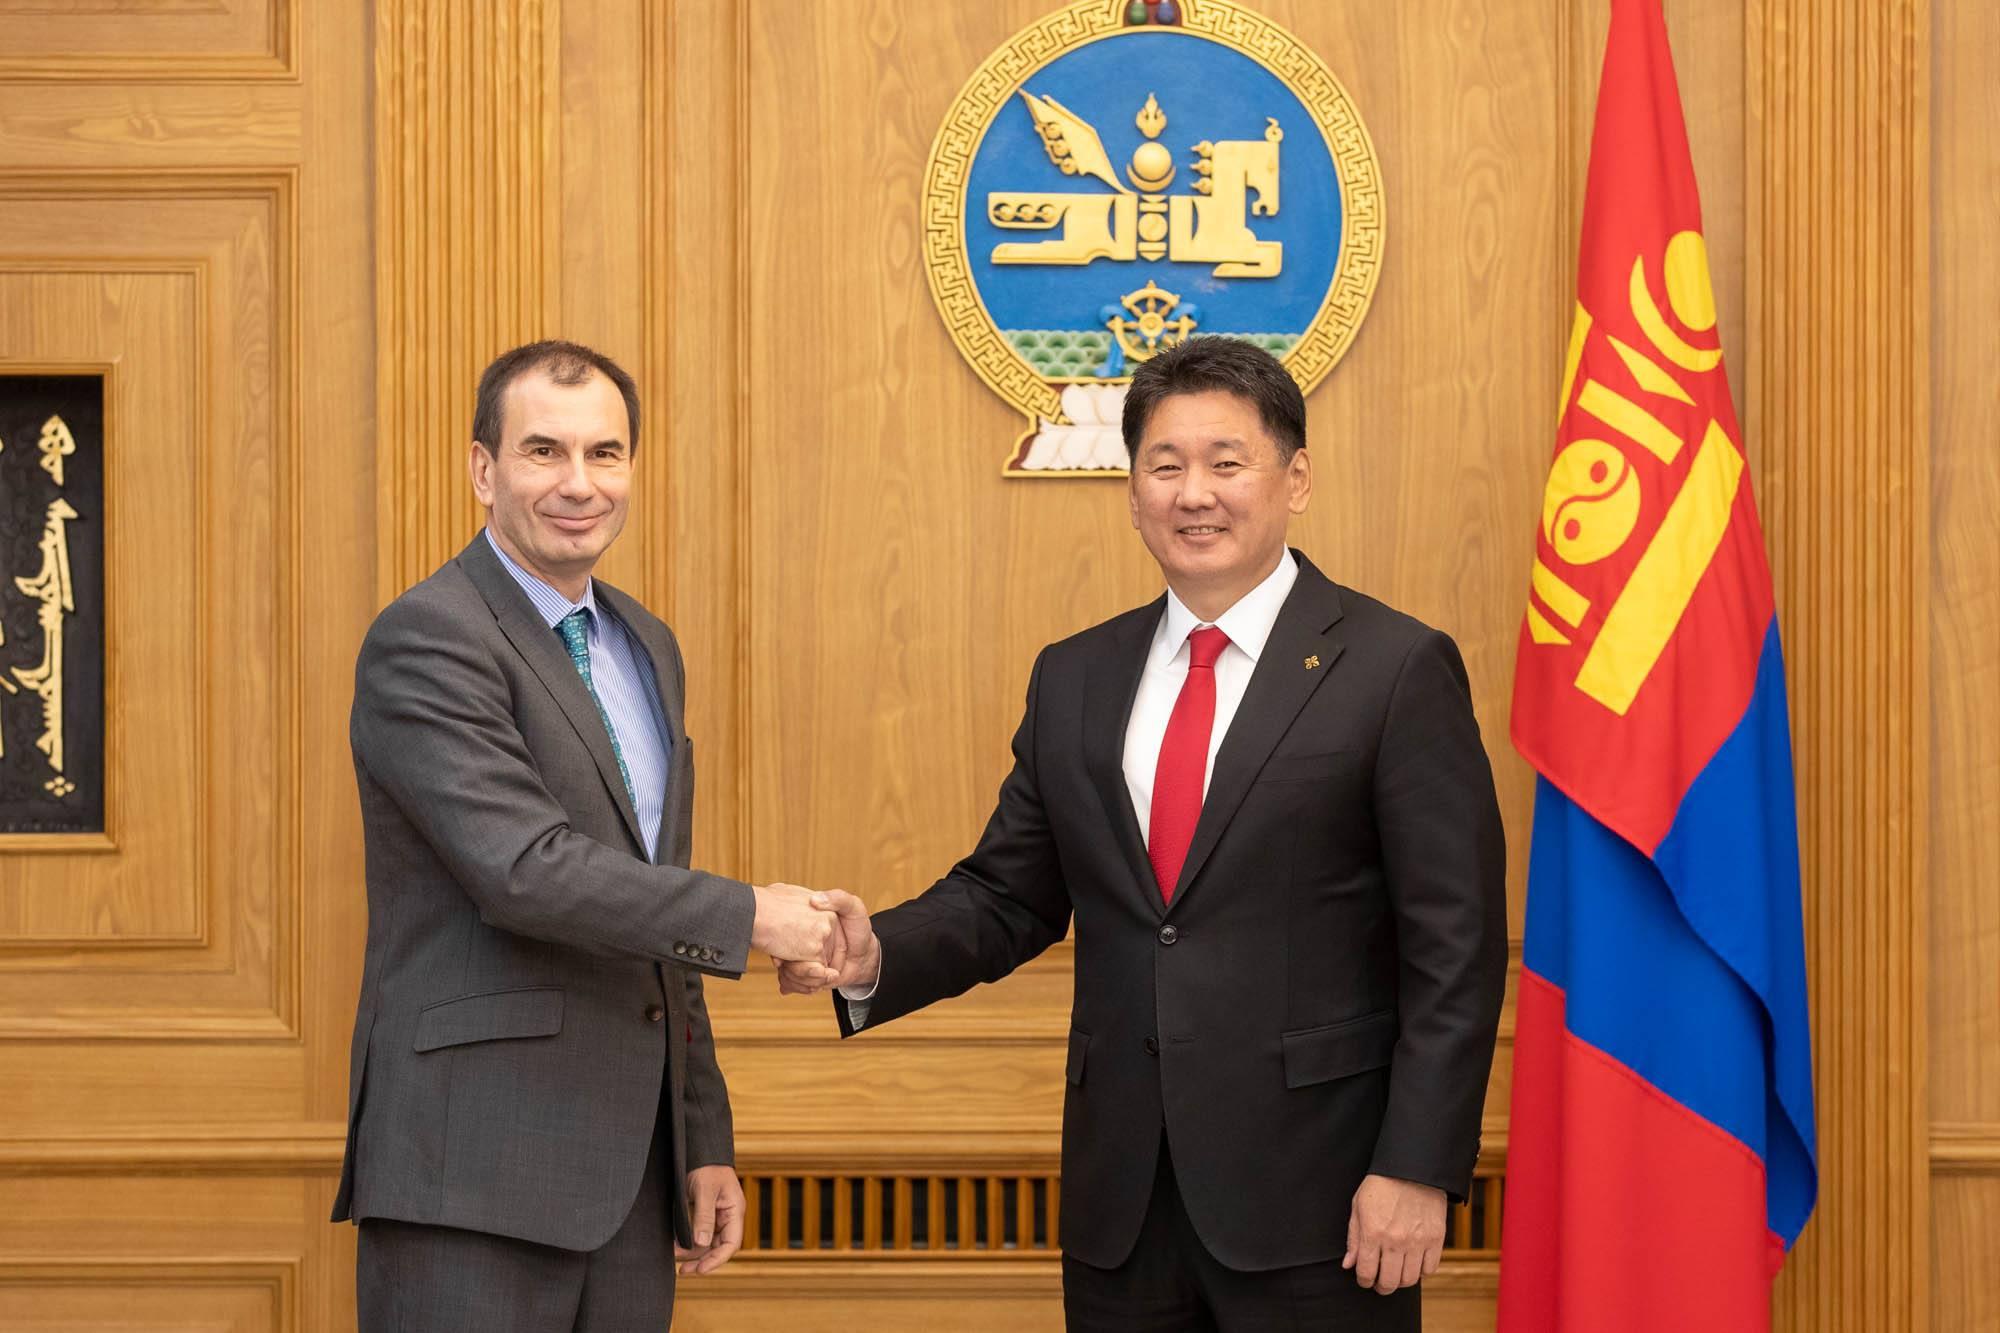 Он гарсаар Европын сэргээн босголт, хөгжлийн банк Монгол Улсад 70 сая еврогийн санхүүжилт хийжээ